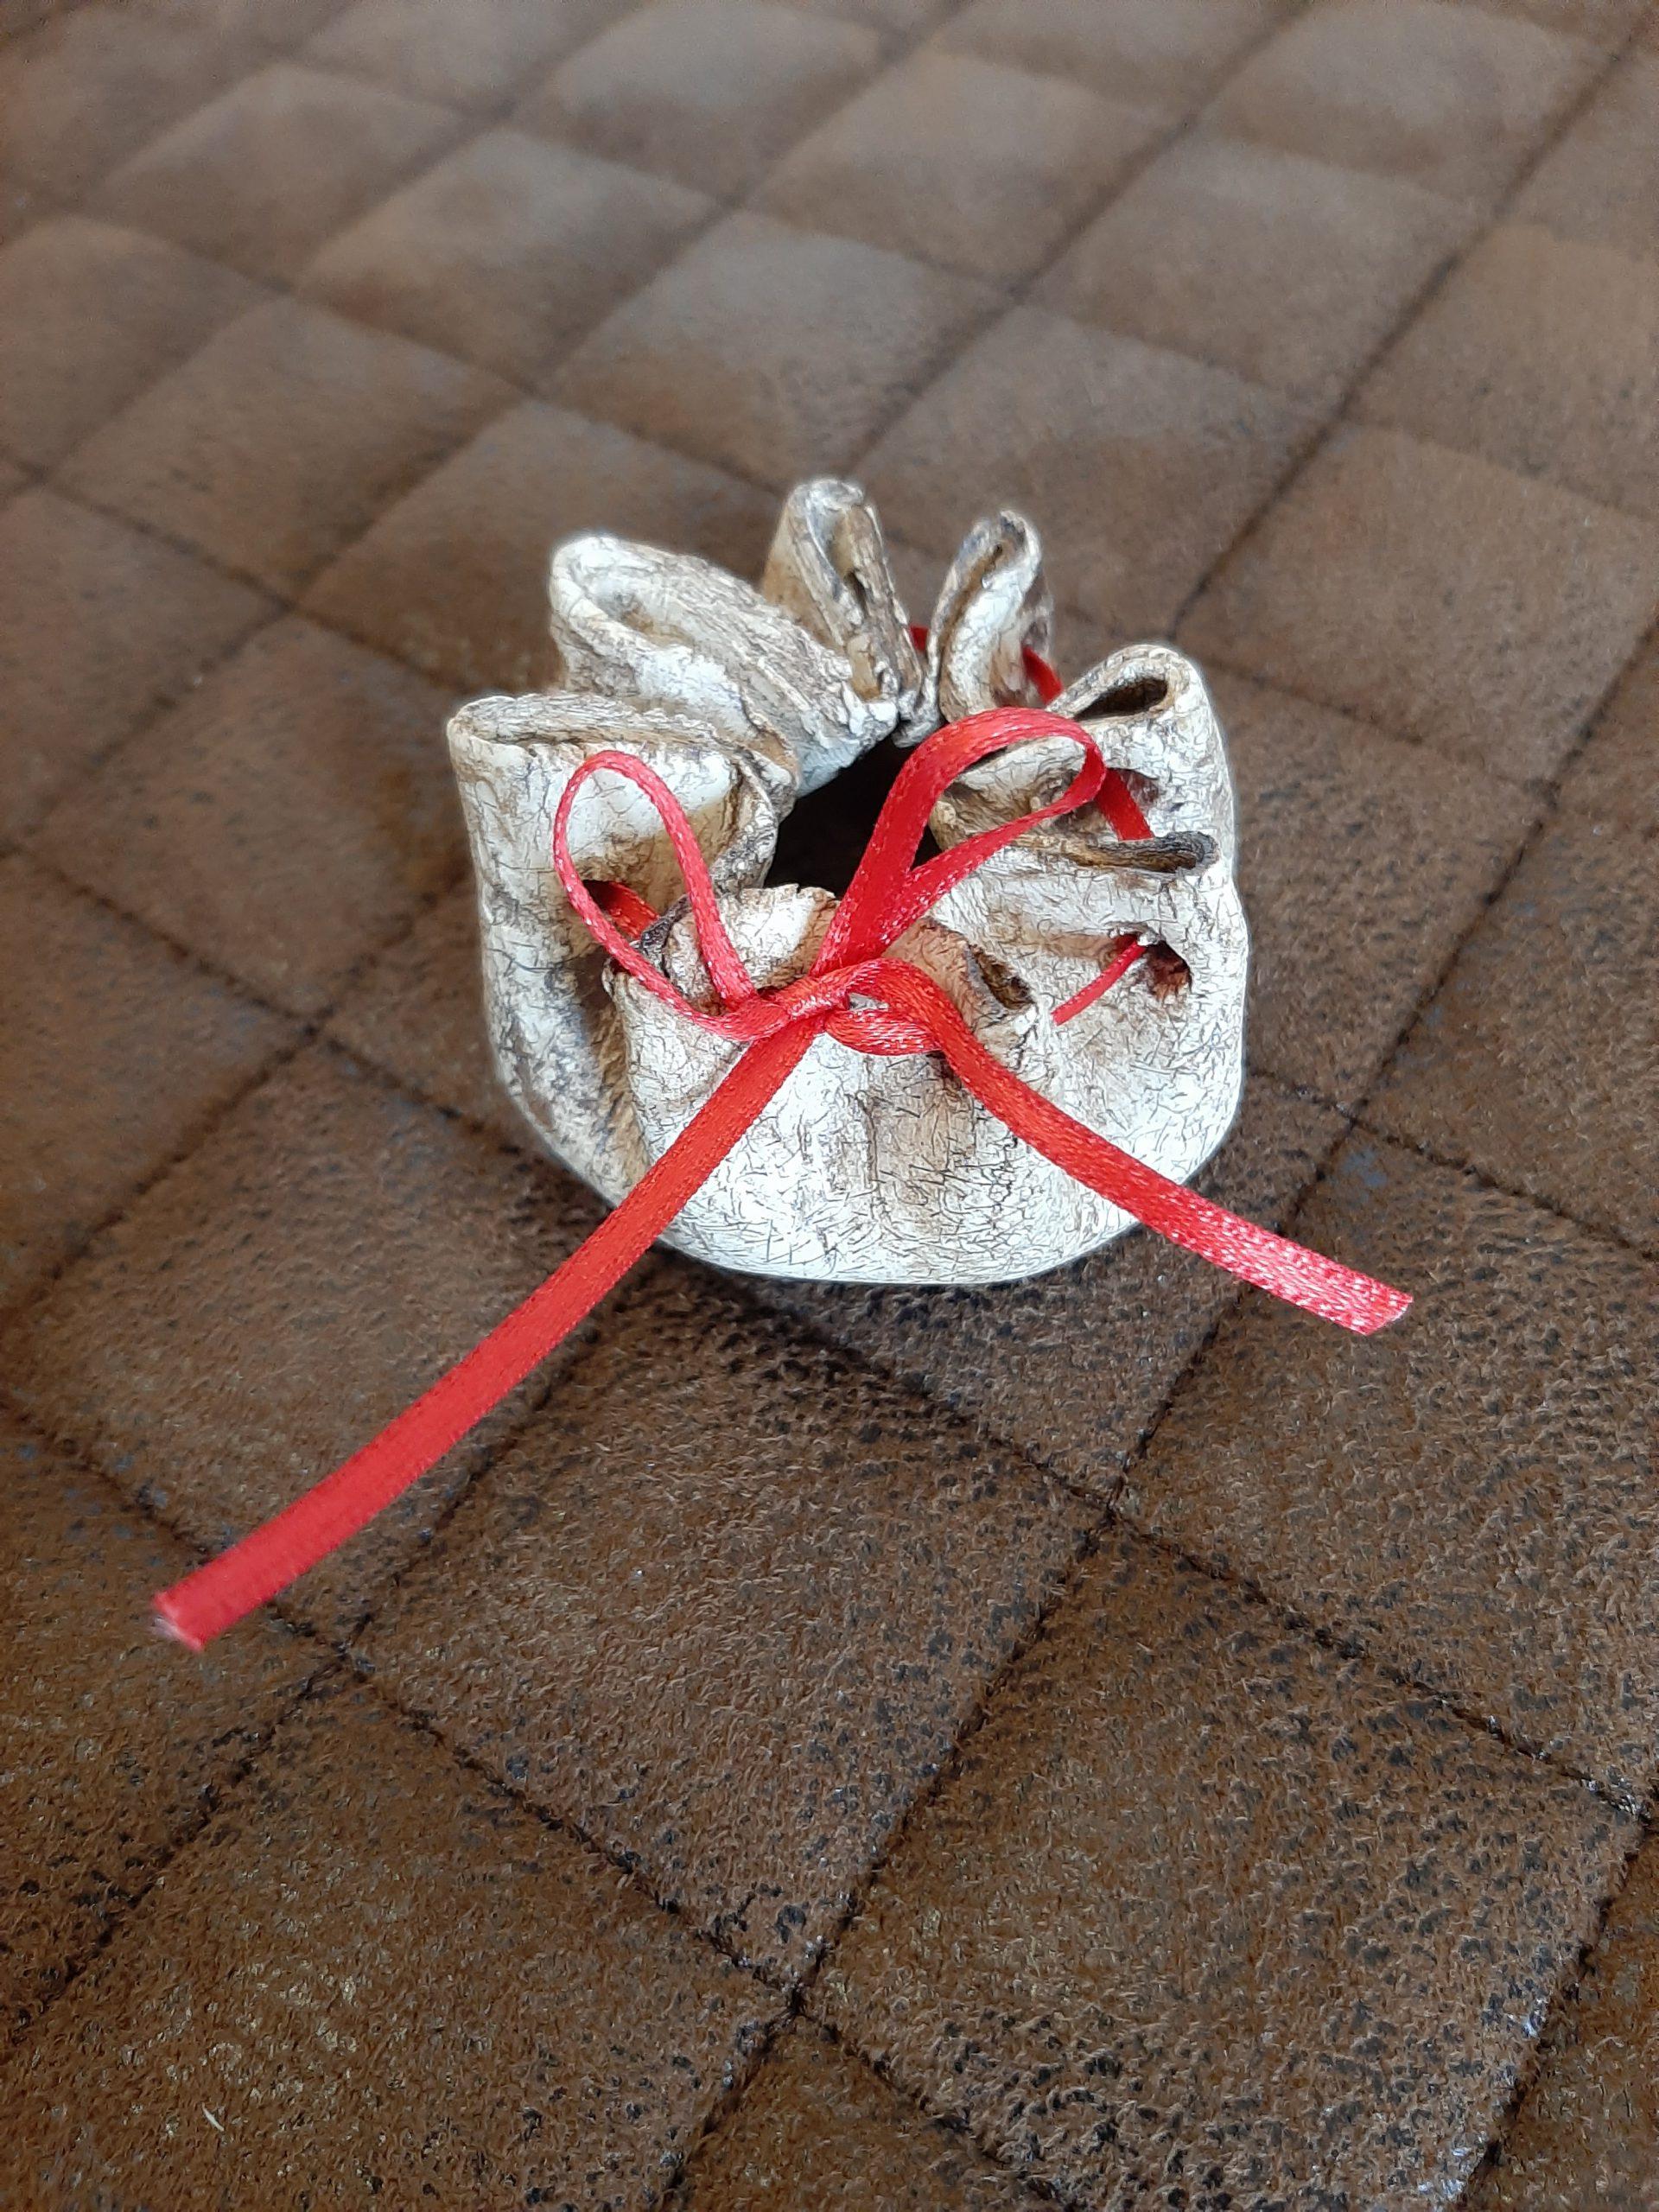 Sack aus Ton. liebevolle Handarbeit, originelle Geschenke, Einzigartiges im Herzen von Augsburg, Kopfkundhandkreativatelier KeraMik von Herz zu Herz, Keramik. Kunst aus Ton